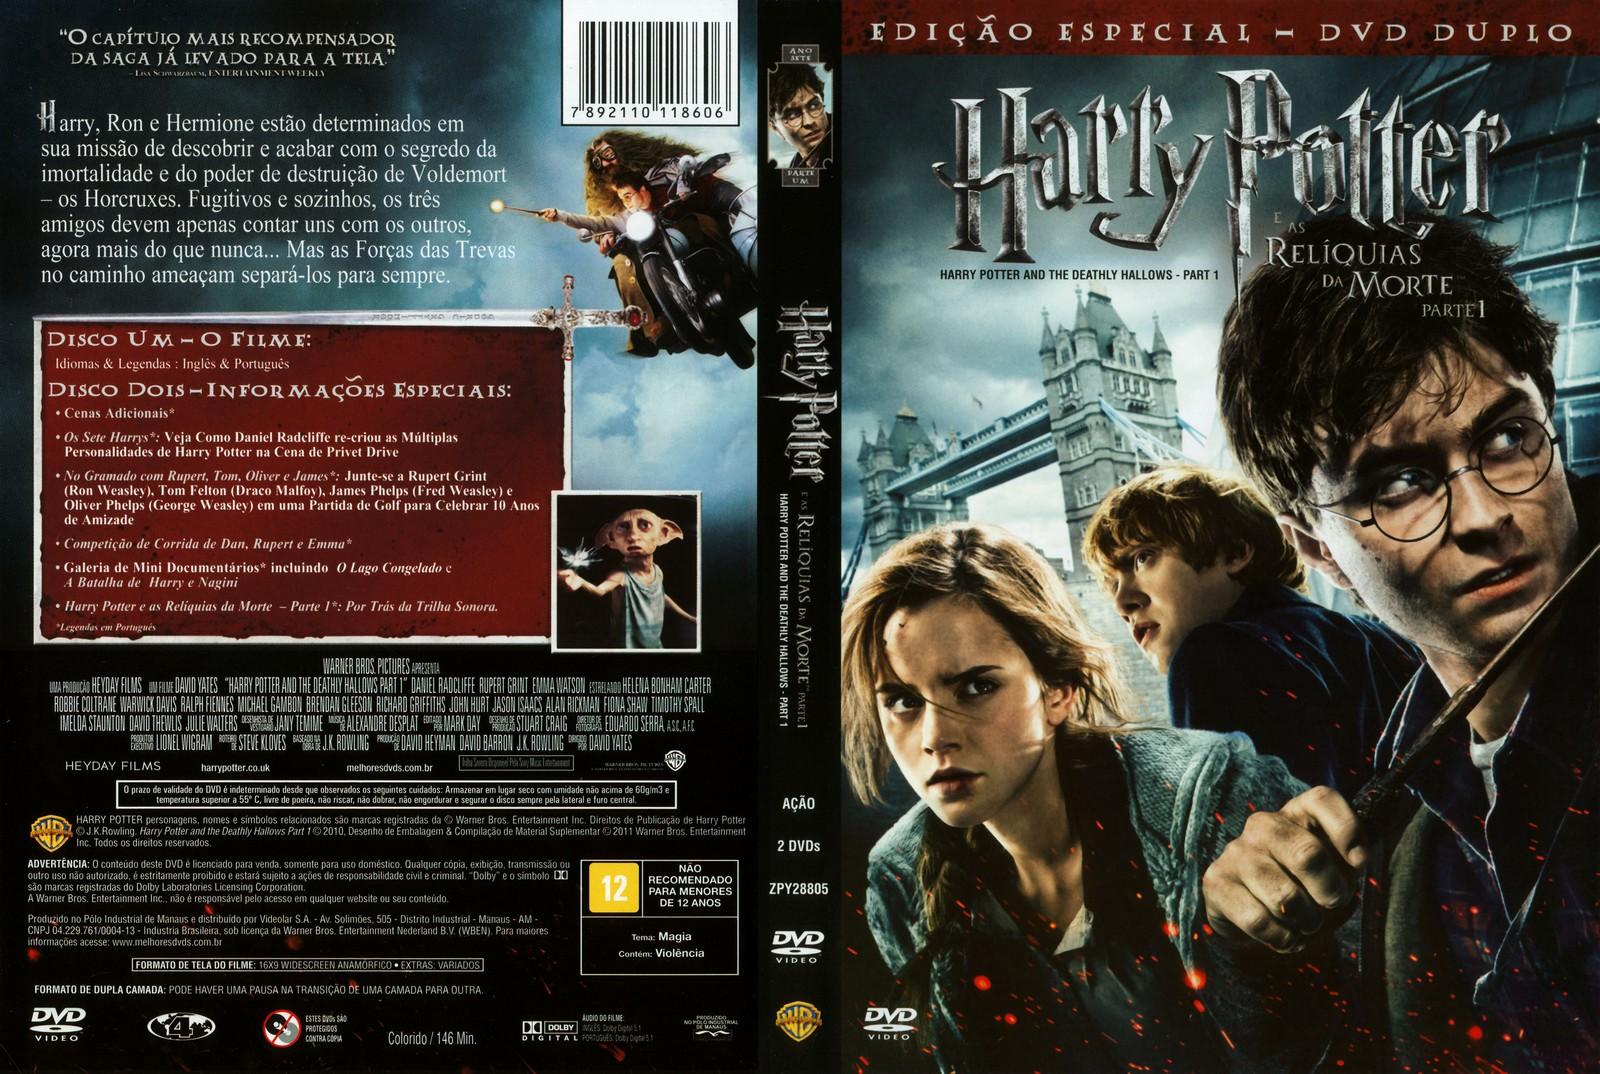 http://4.bp.blogspot.com/-1PqYOGfr4Mk/TbgQCWVIiHI/AAAAAAAABPU/AwGlHRQ3LXE/s1600/Harry-Potter-E-As-Reliquias-Da-Morte-Parte-1.jpg